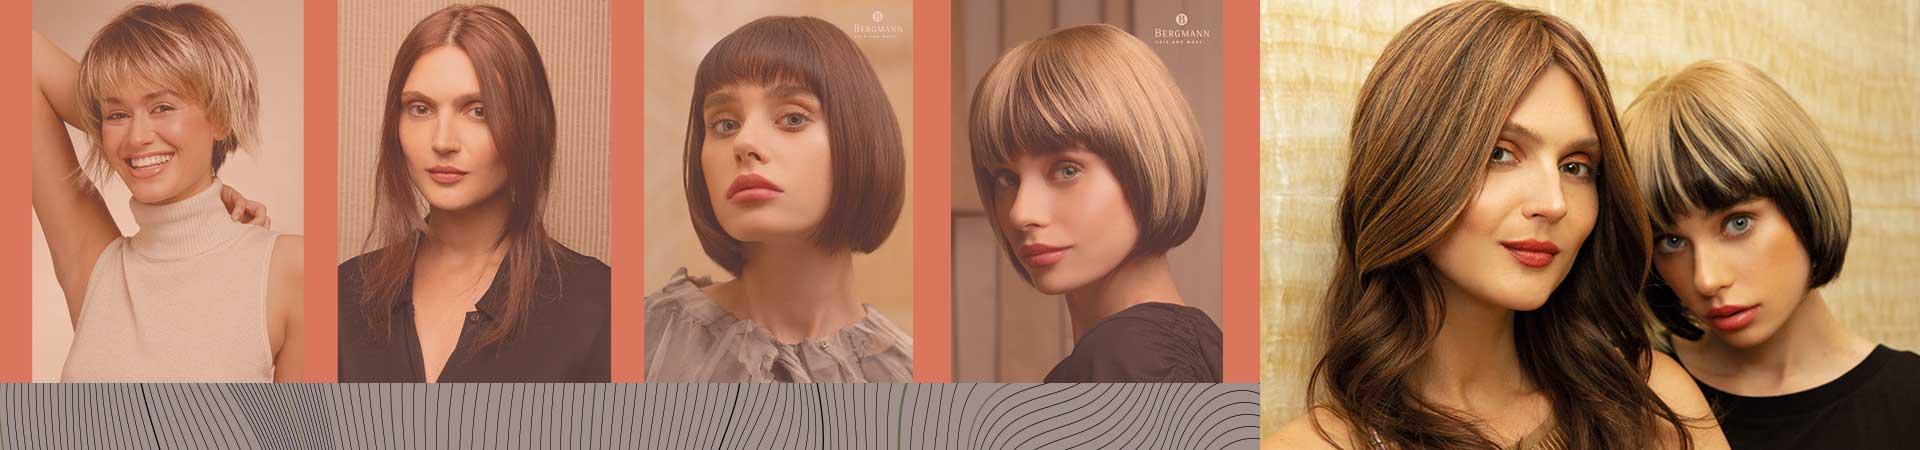 Hair Prosthesis for Women